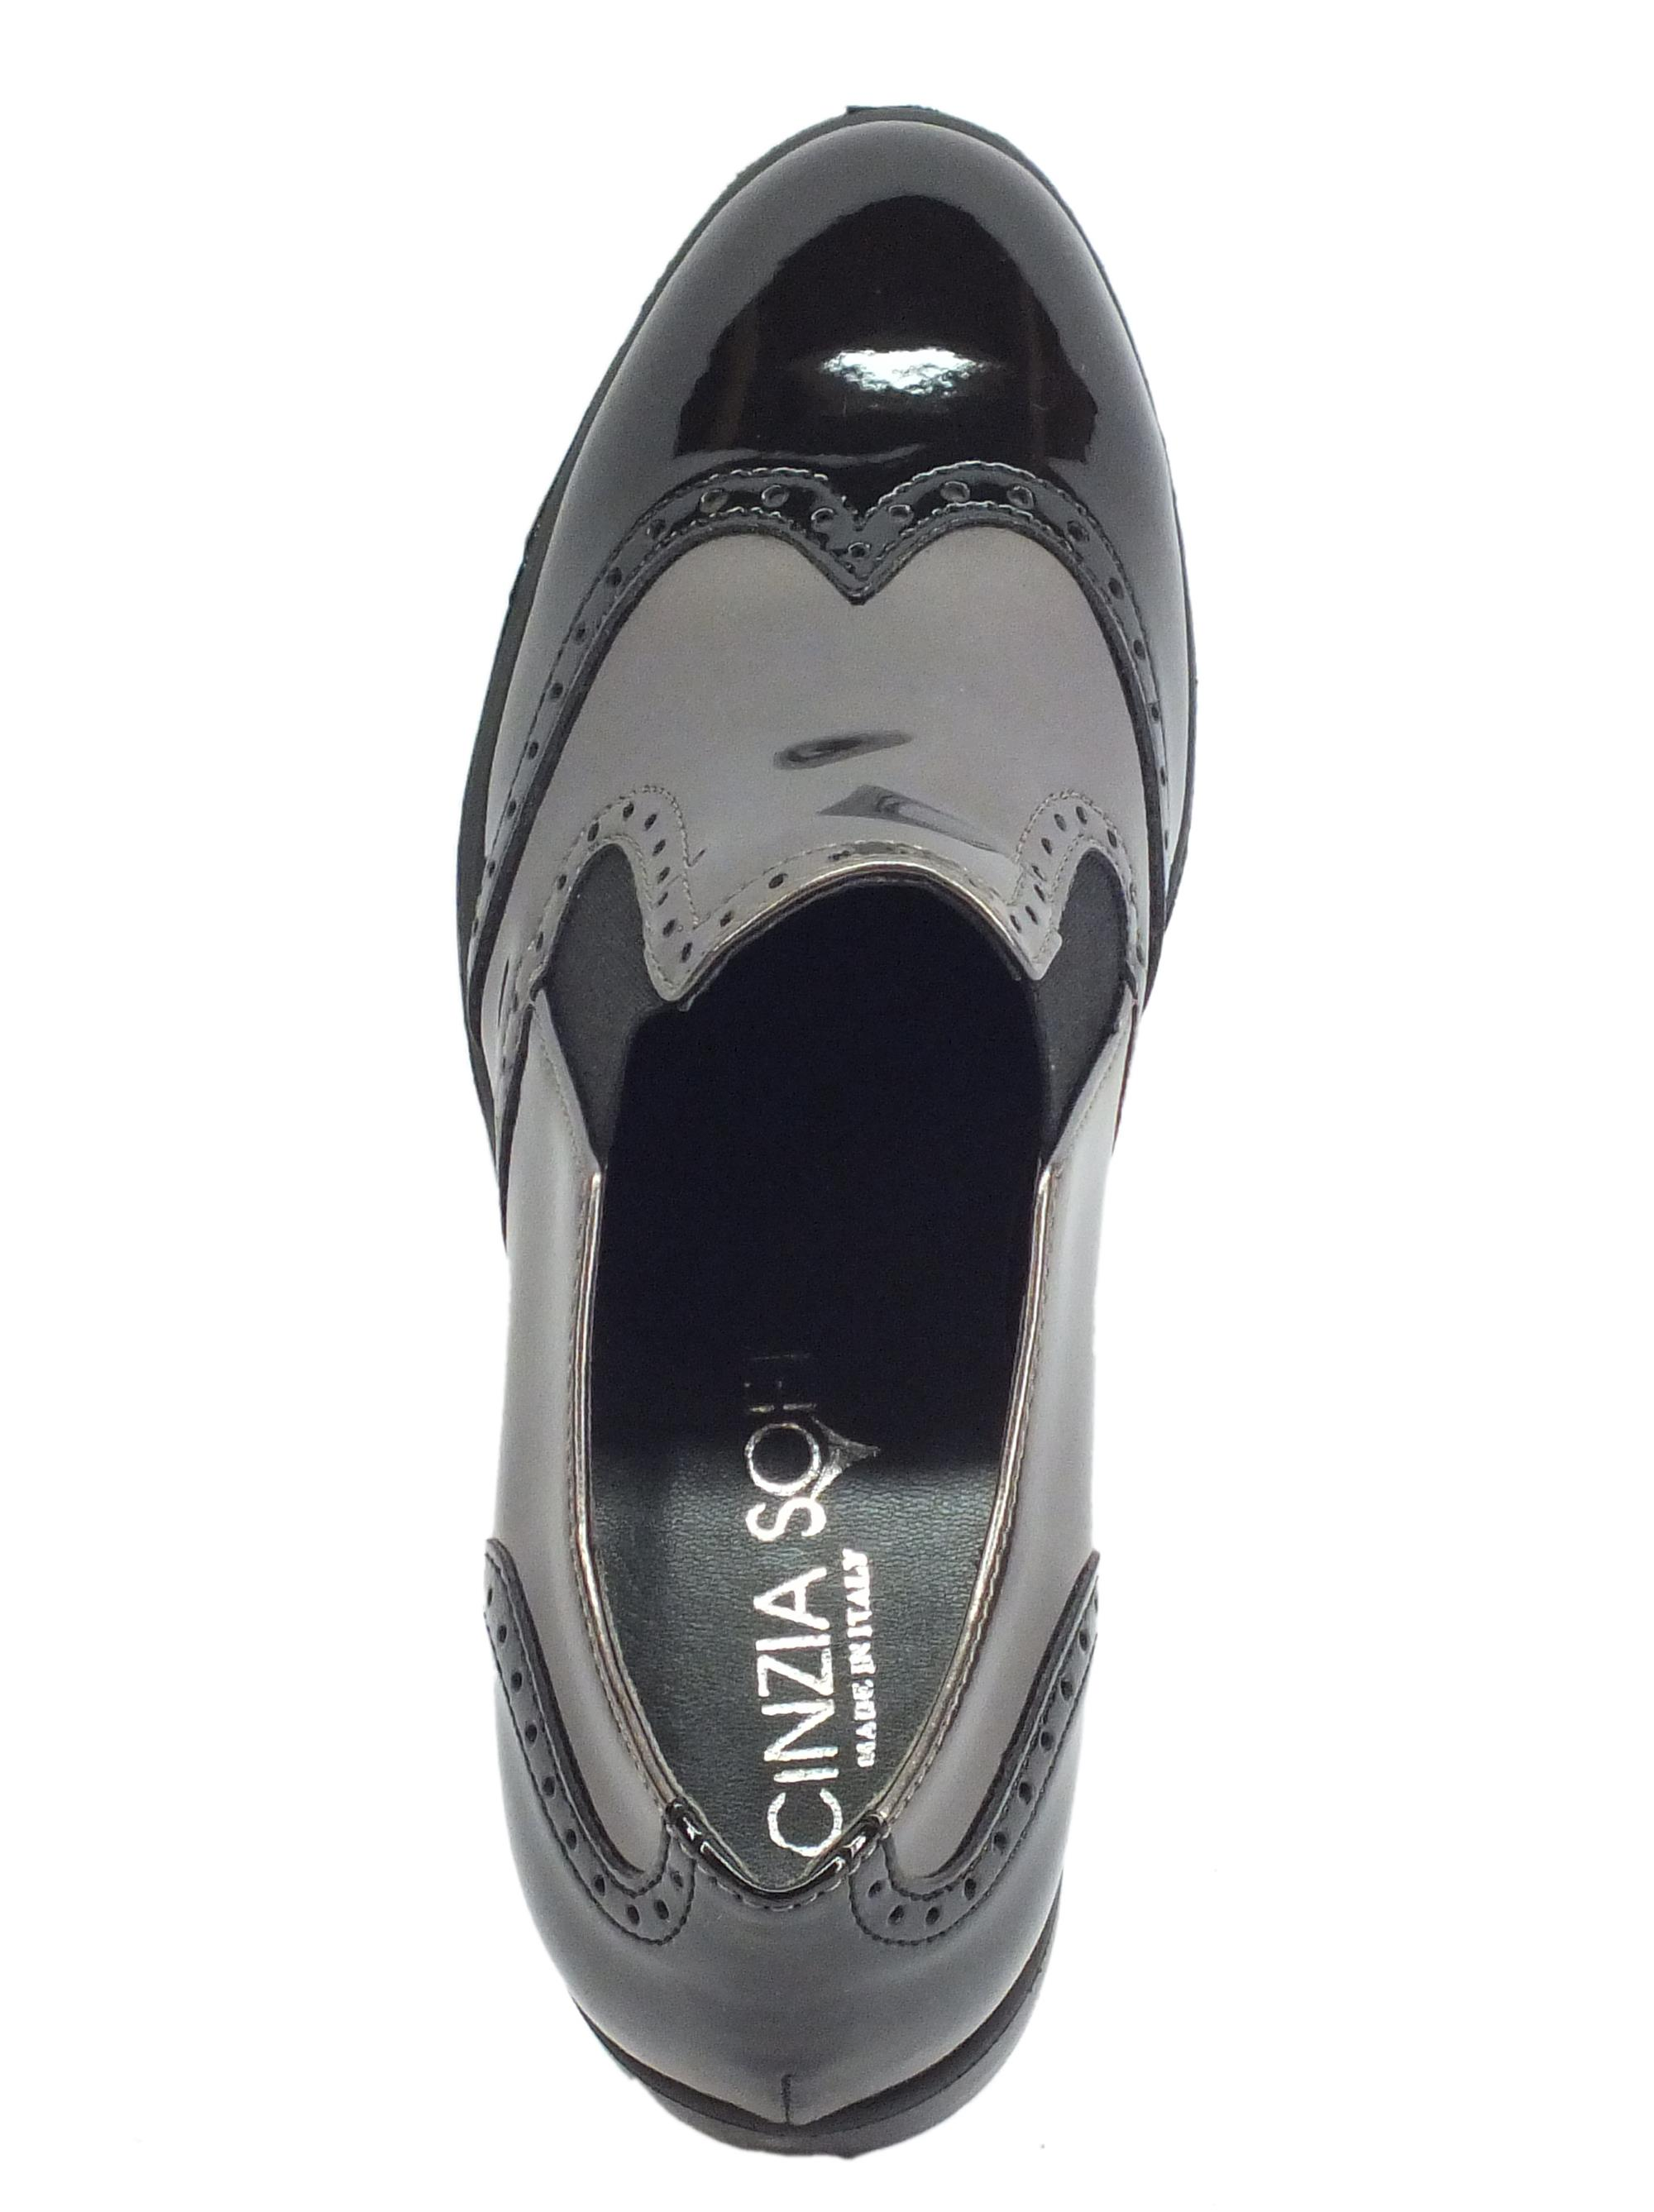 ... Cinzia Soft mocassini donna in vernice nero e peltro lavorazione duilio 69019337cc9